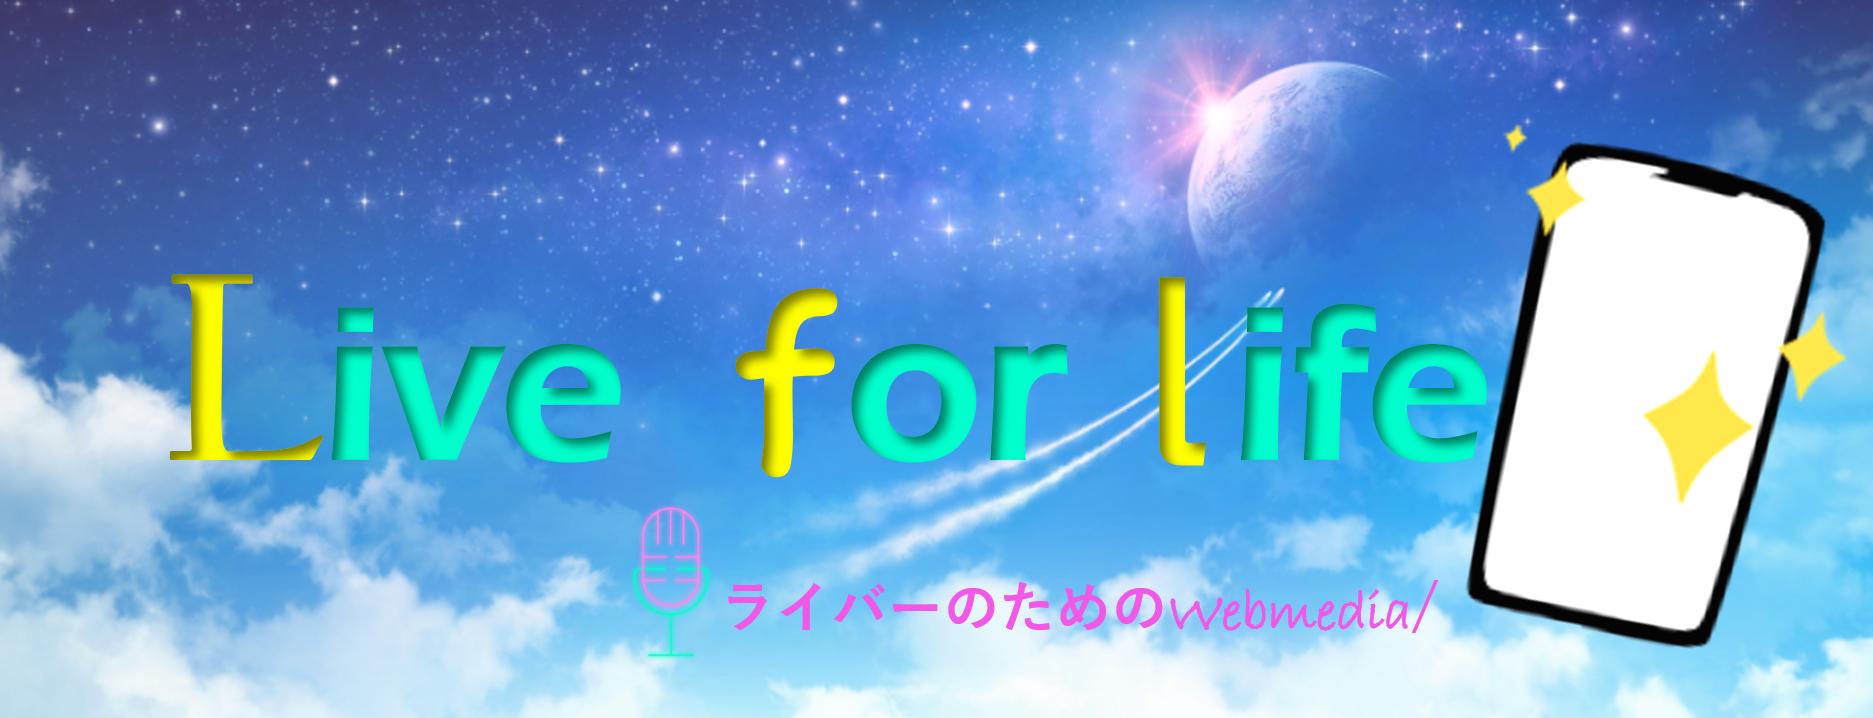 Live forlife トップ画像